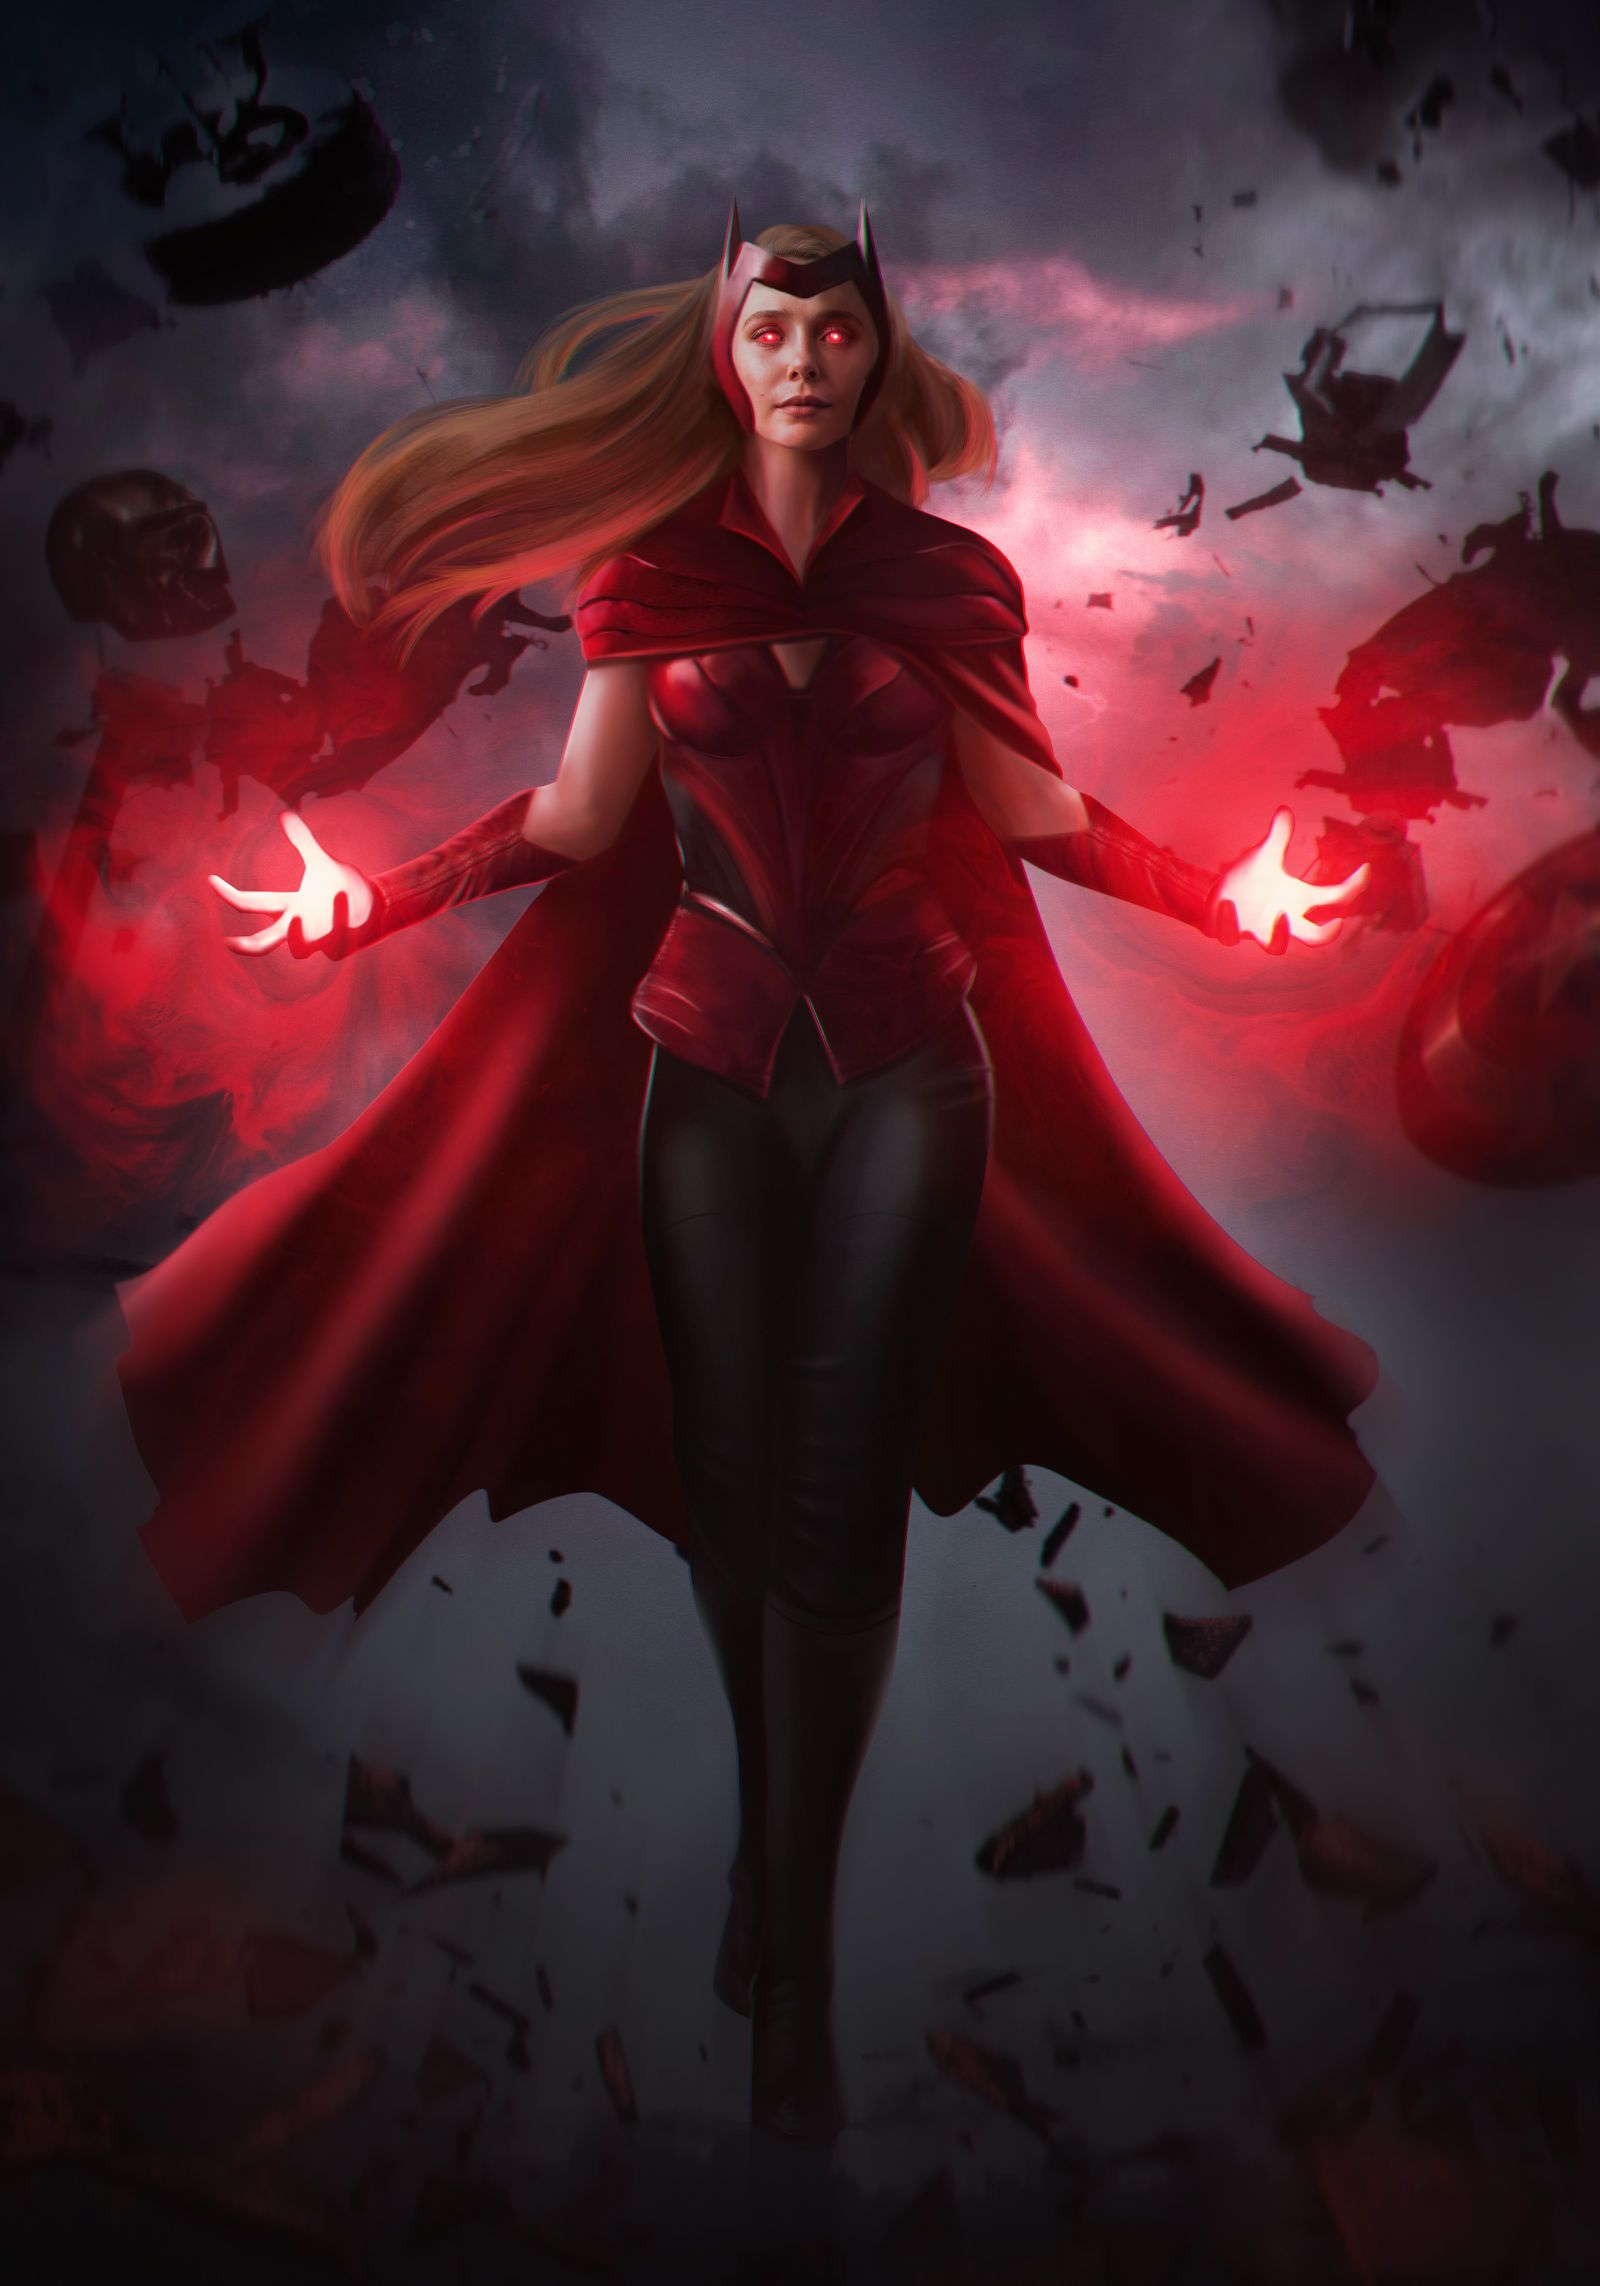 The Scarlet Witch by MizuriAU on DeviantArt